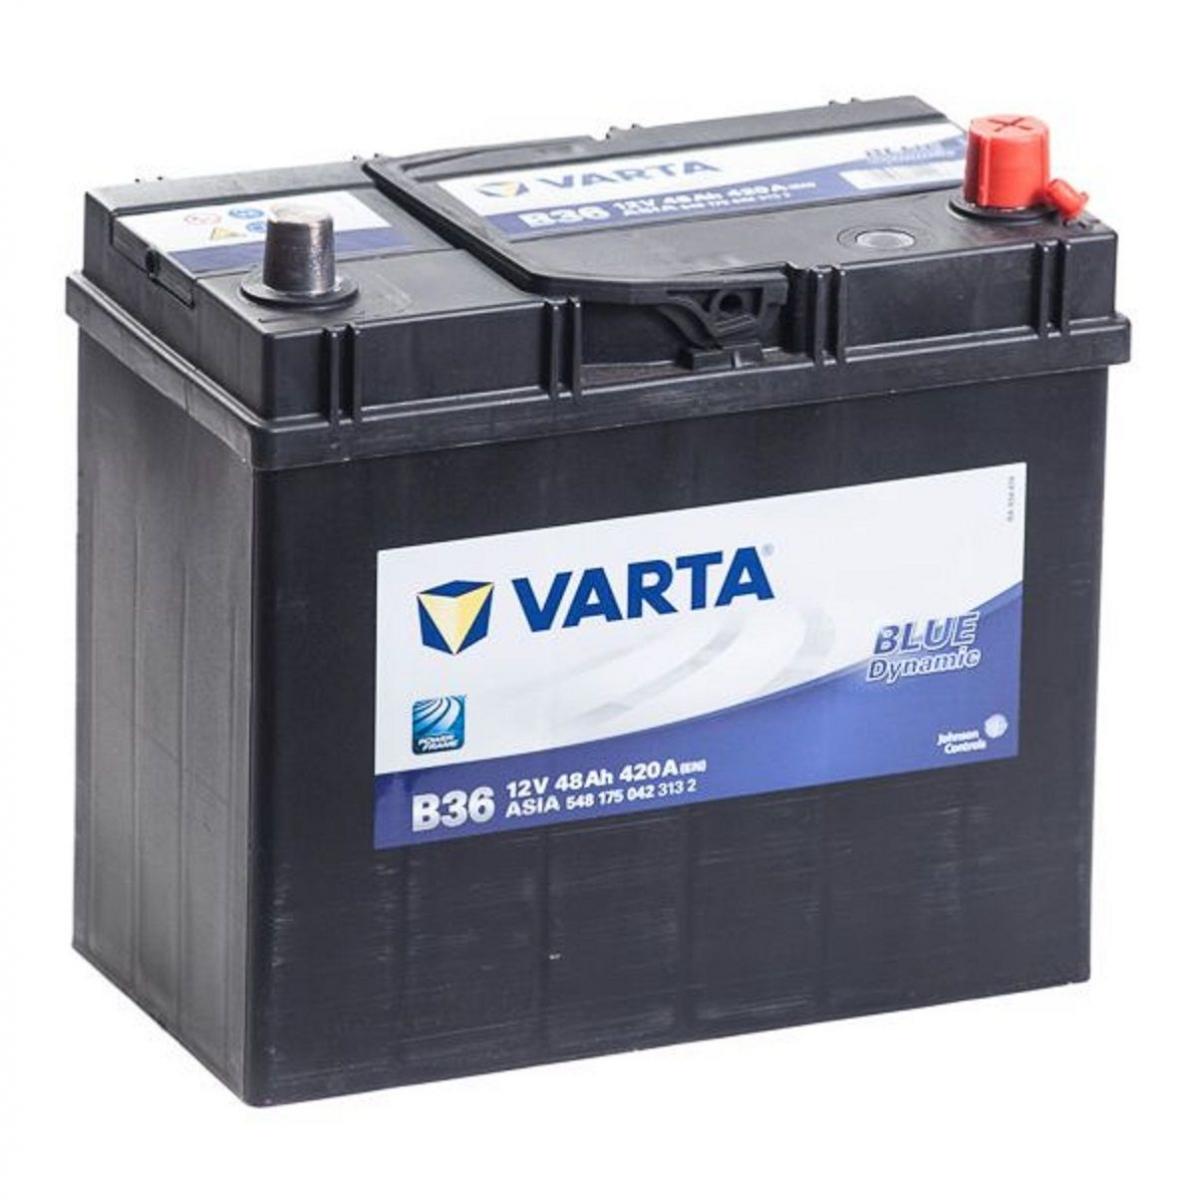 Varta Blue Dynamic  B24L 48Ah 420A